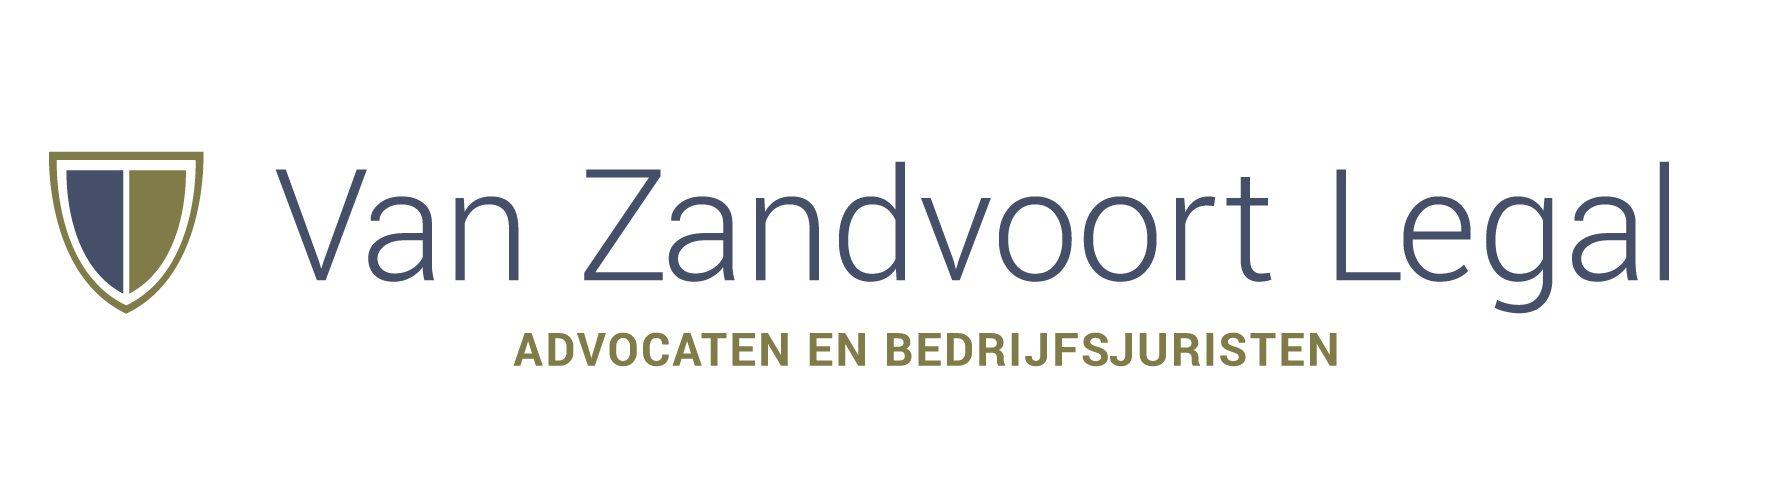 Van Zandvoort Legal Nobi